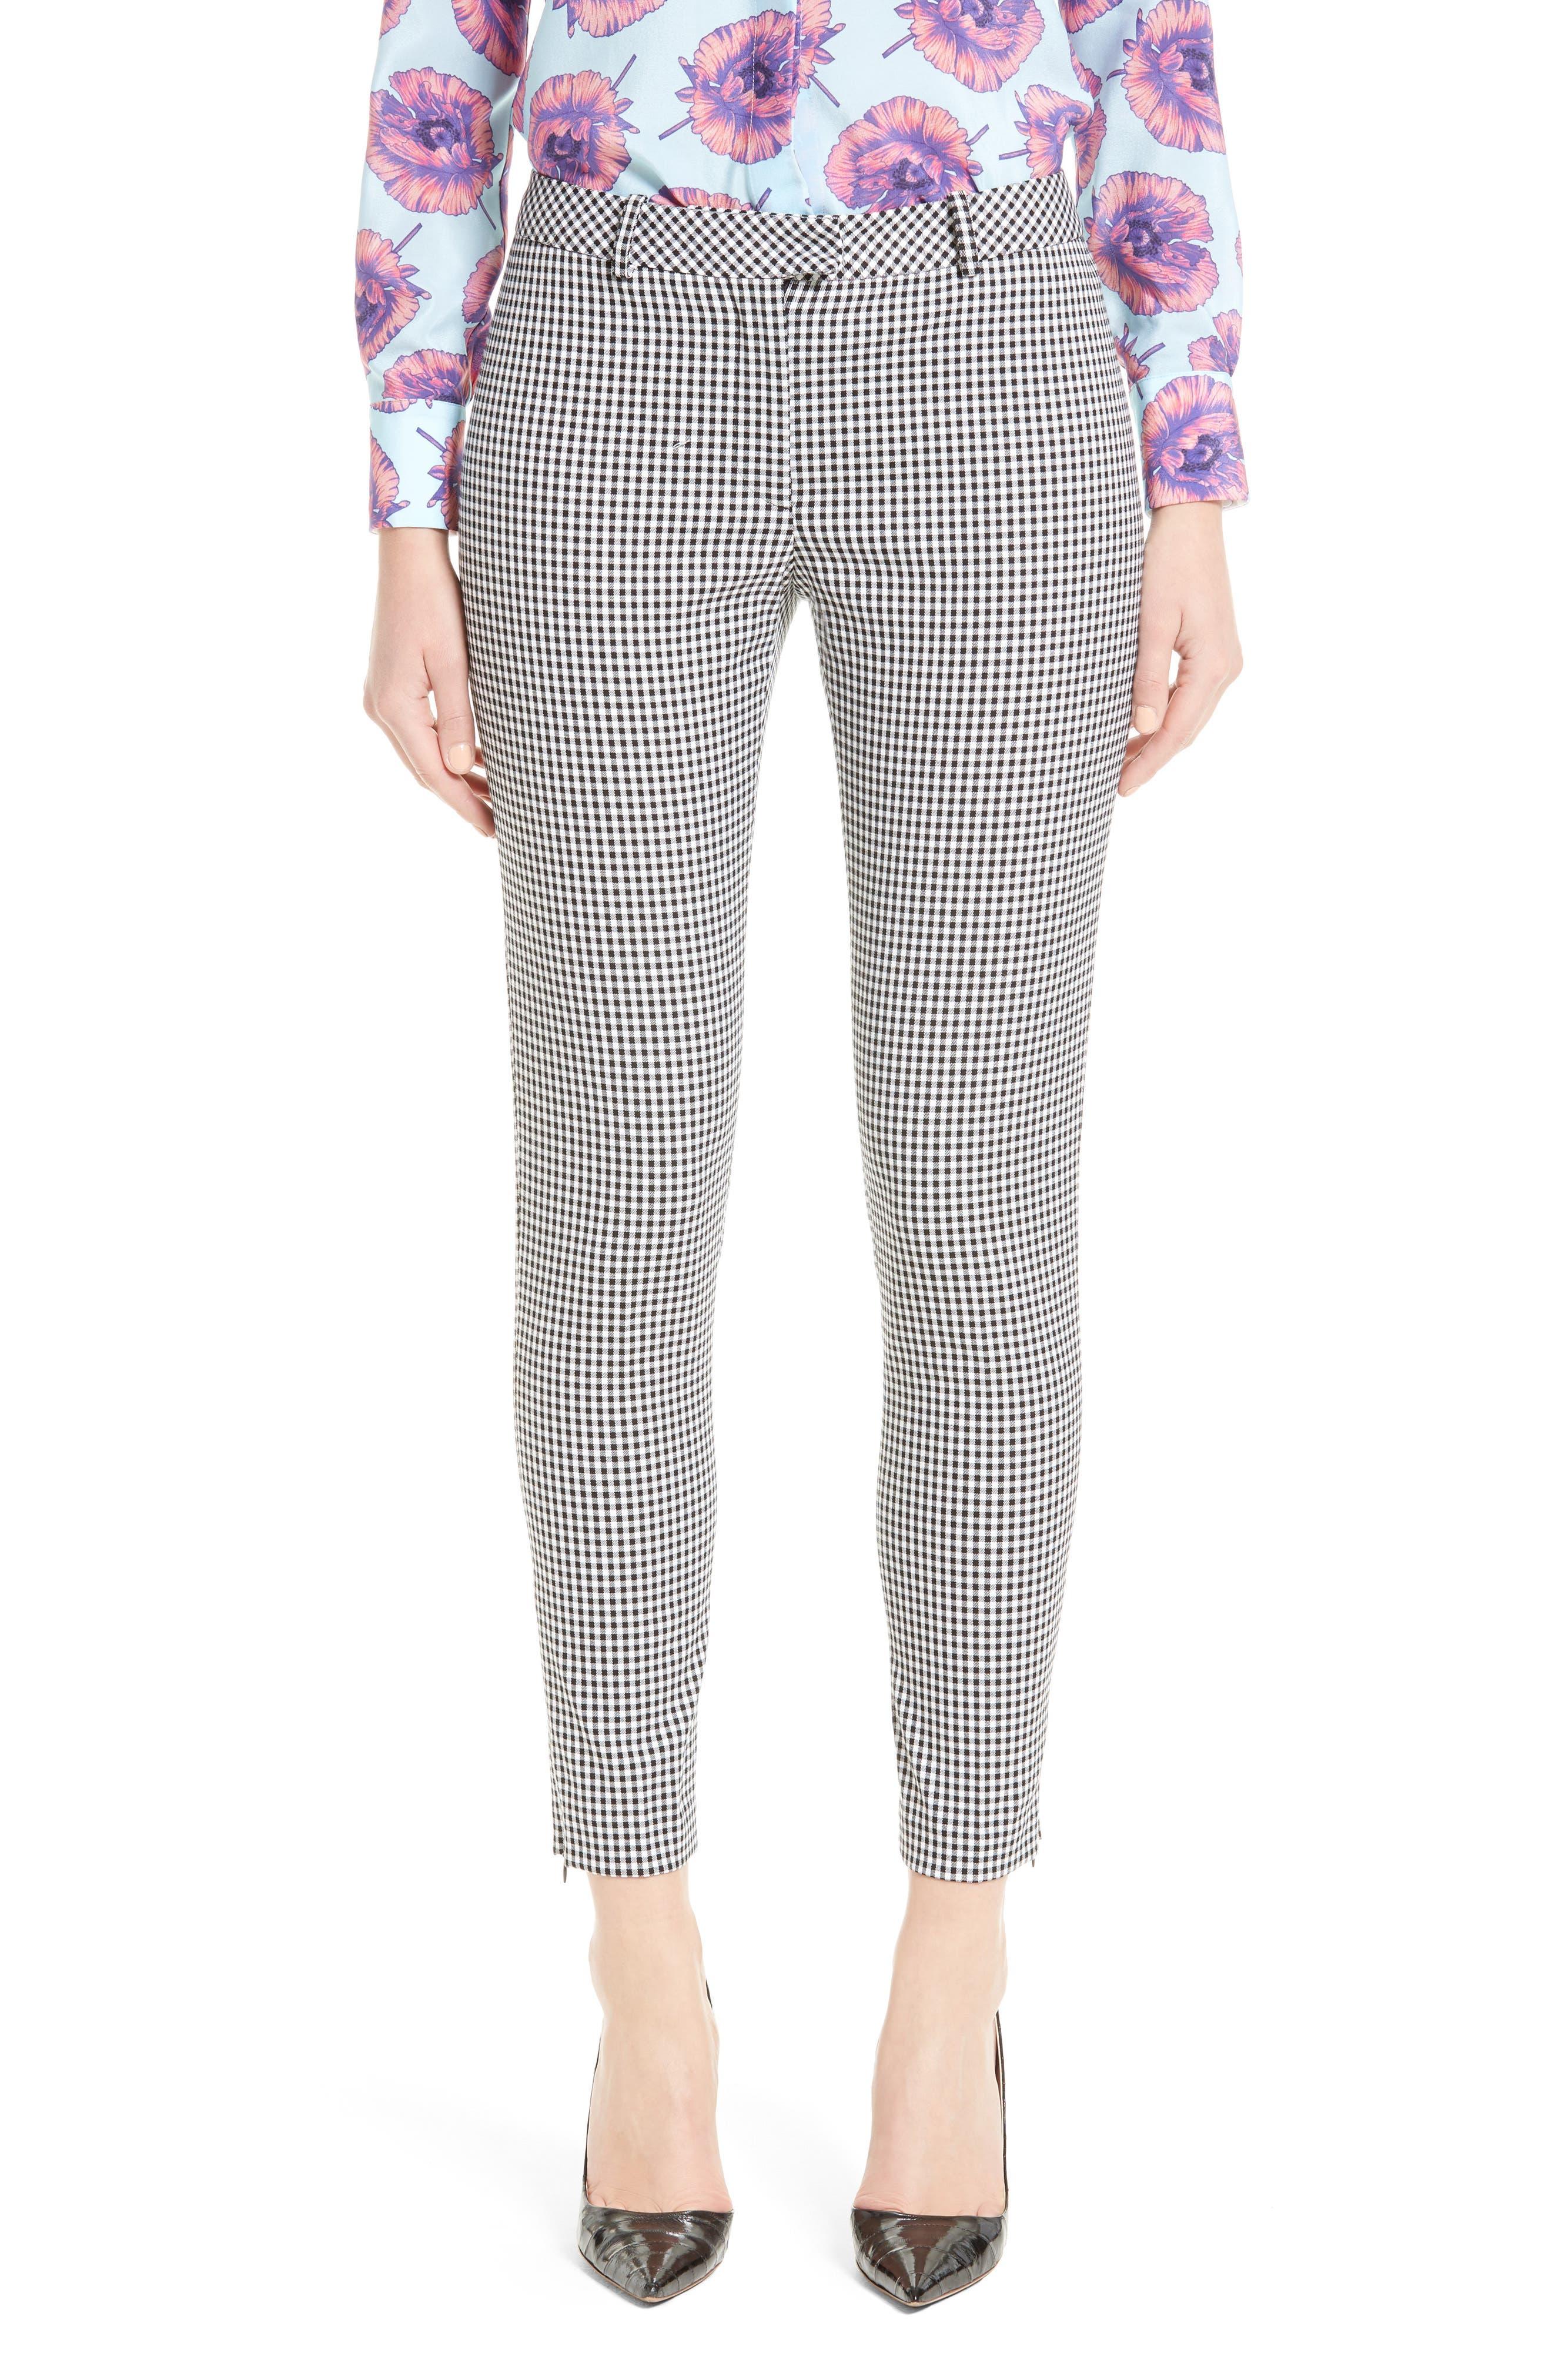 ALTUZARRA Henri Gingham Stretch Cotton Pants